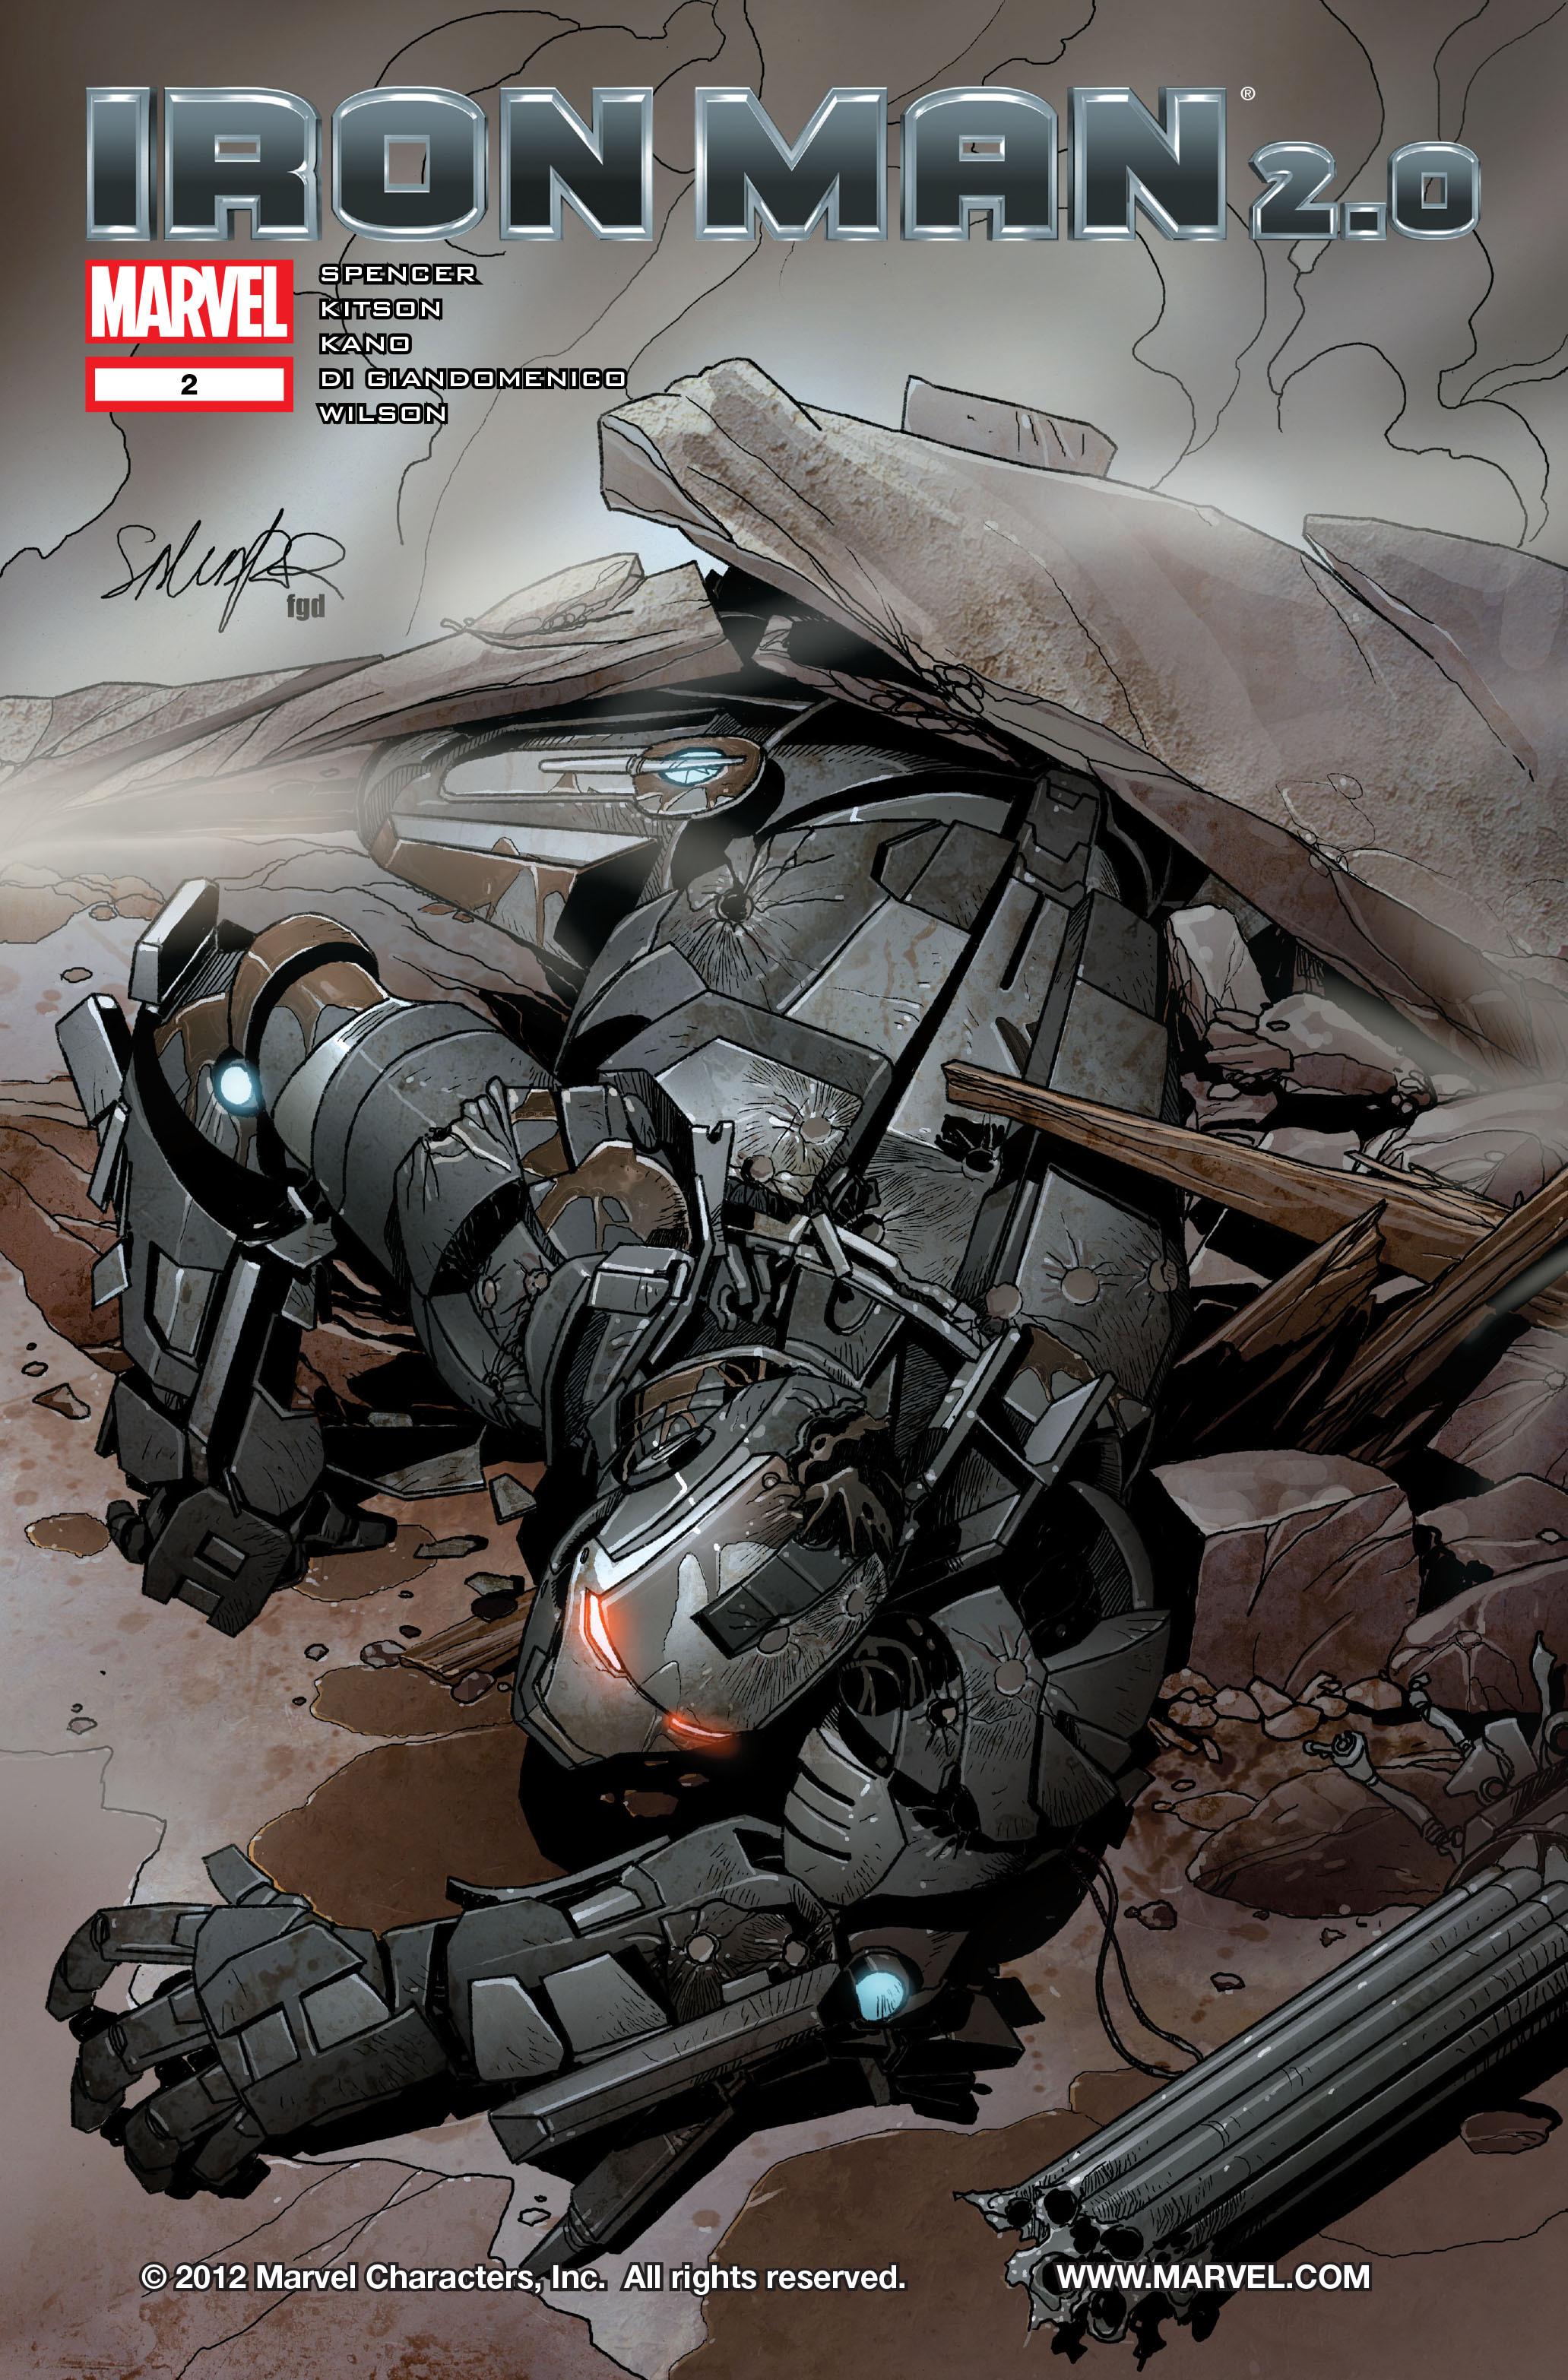 Iron Man 2.0 Vol 1 2